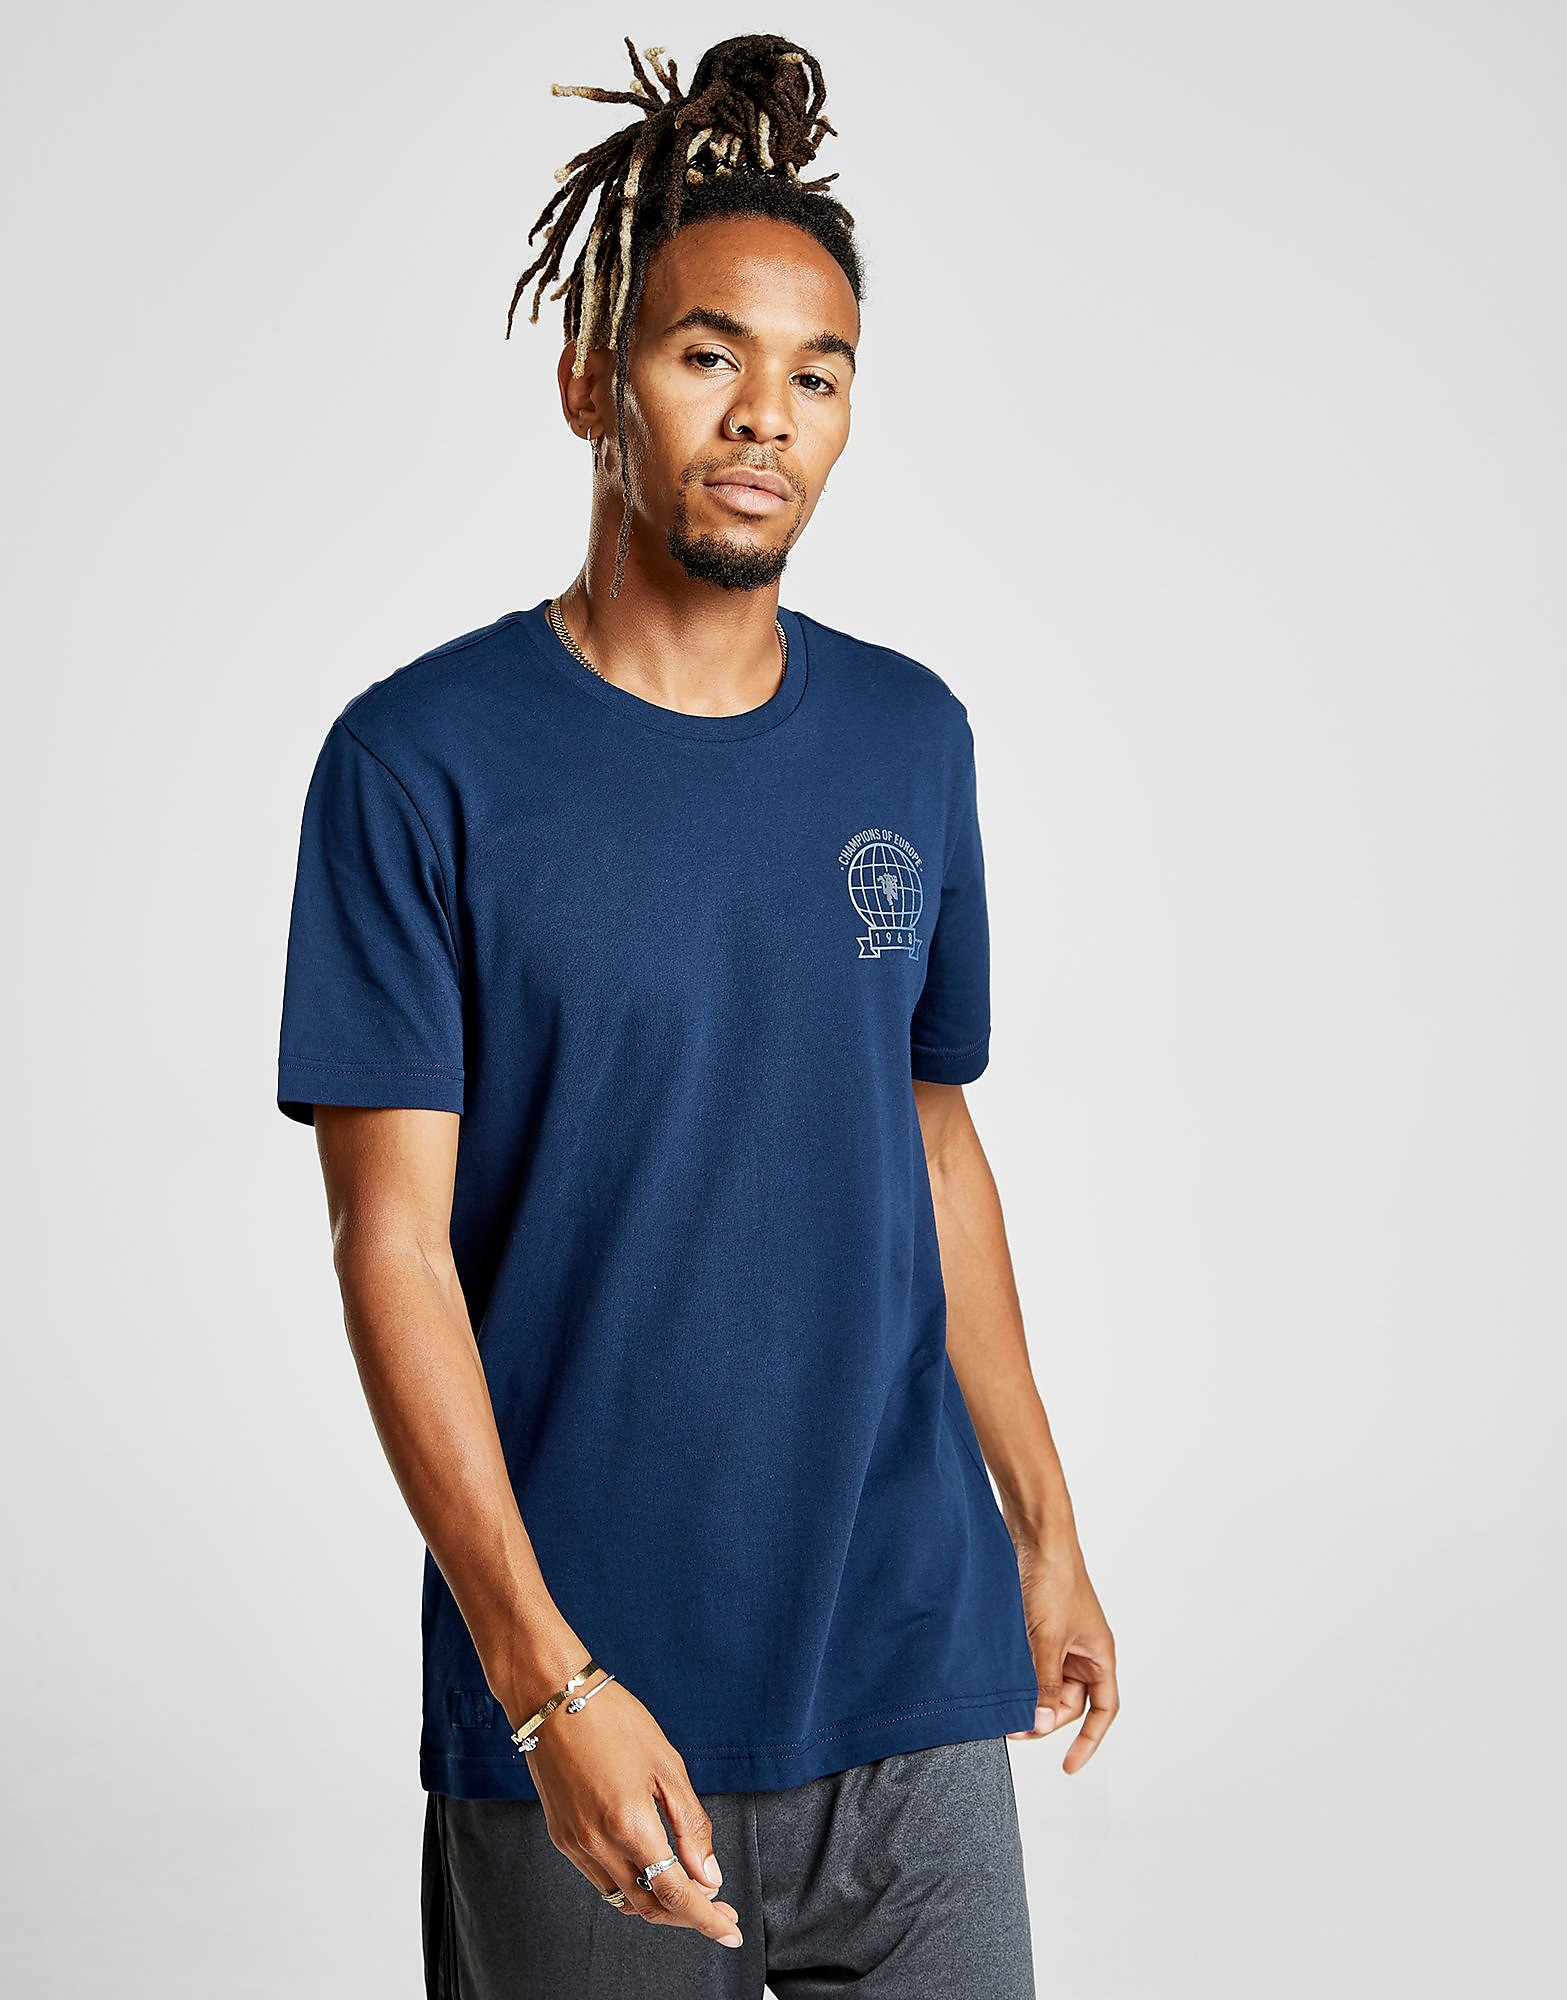 adidas Manchester United FC Graphic T-Shirt Heren - Blauw - Heren